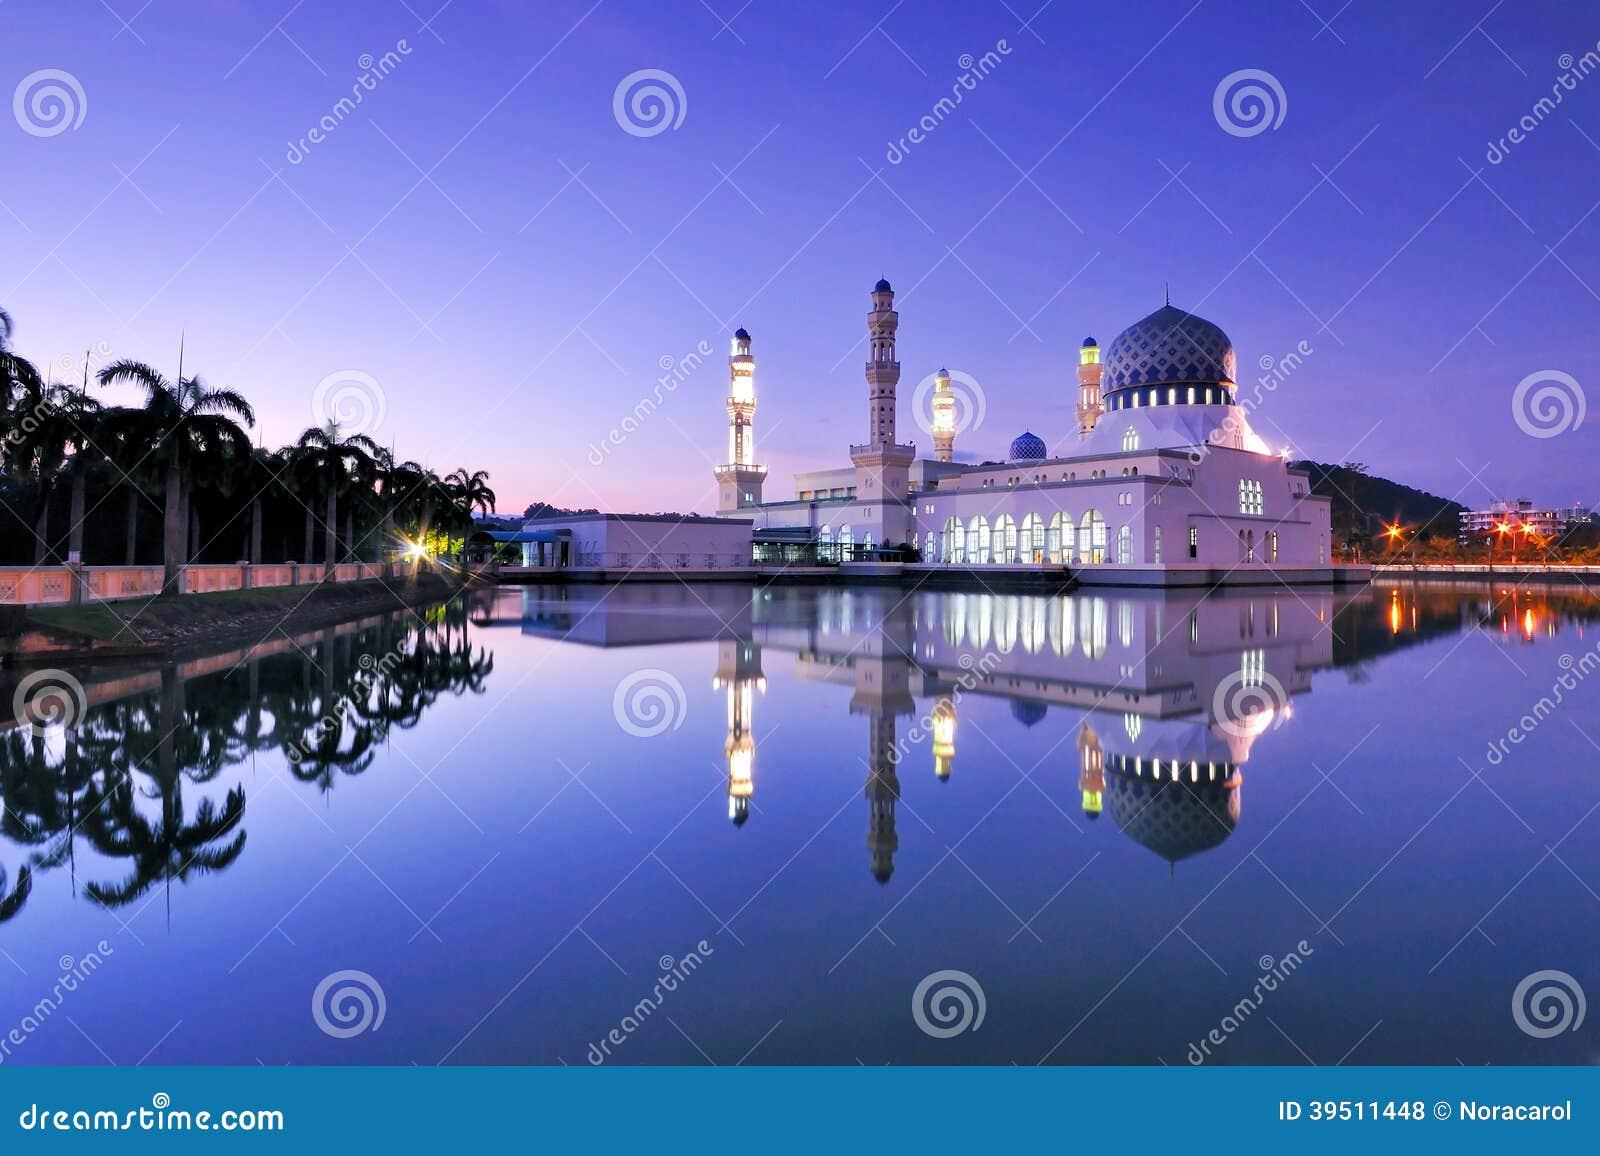 Kota Kinabalu Sabah Floating Mosque